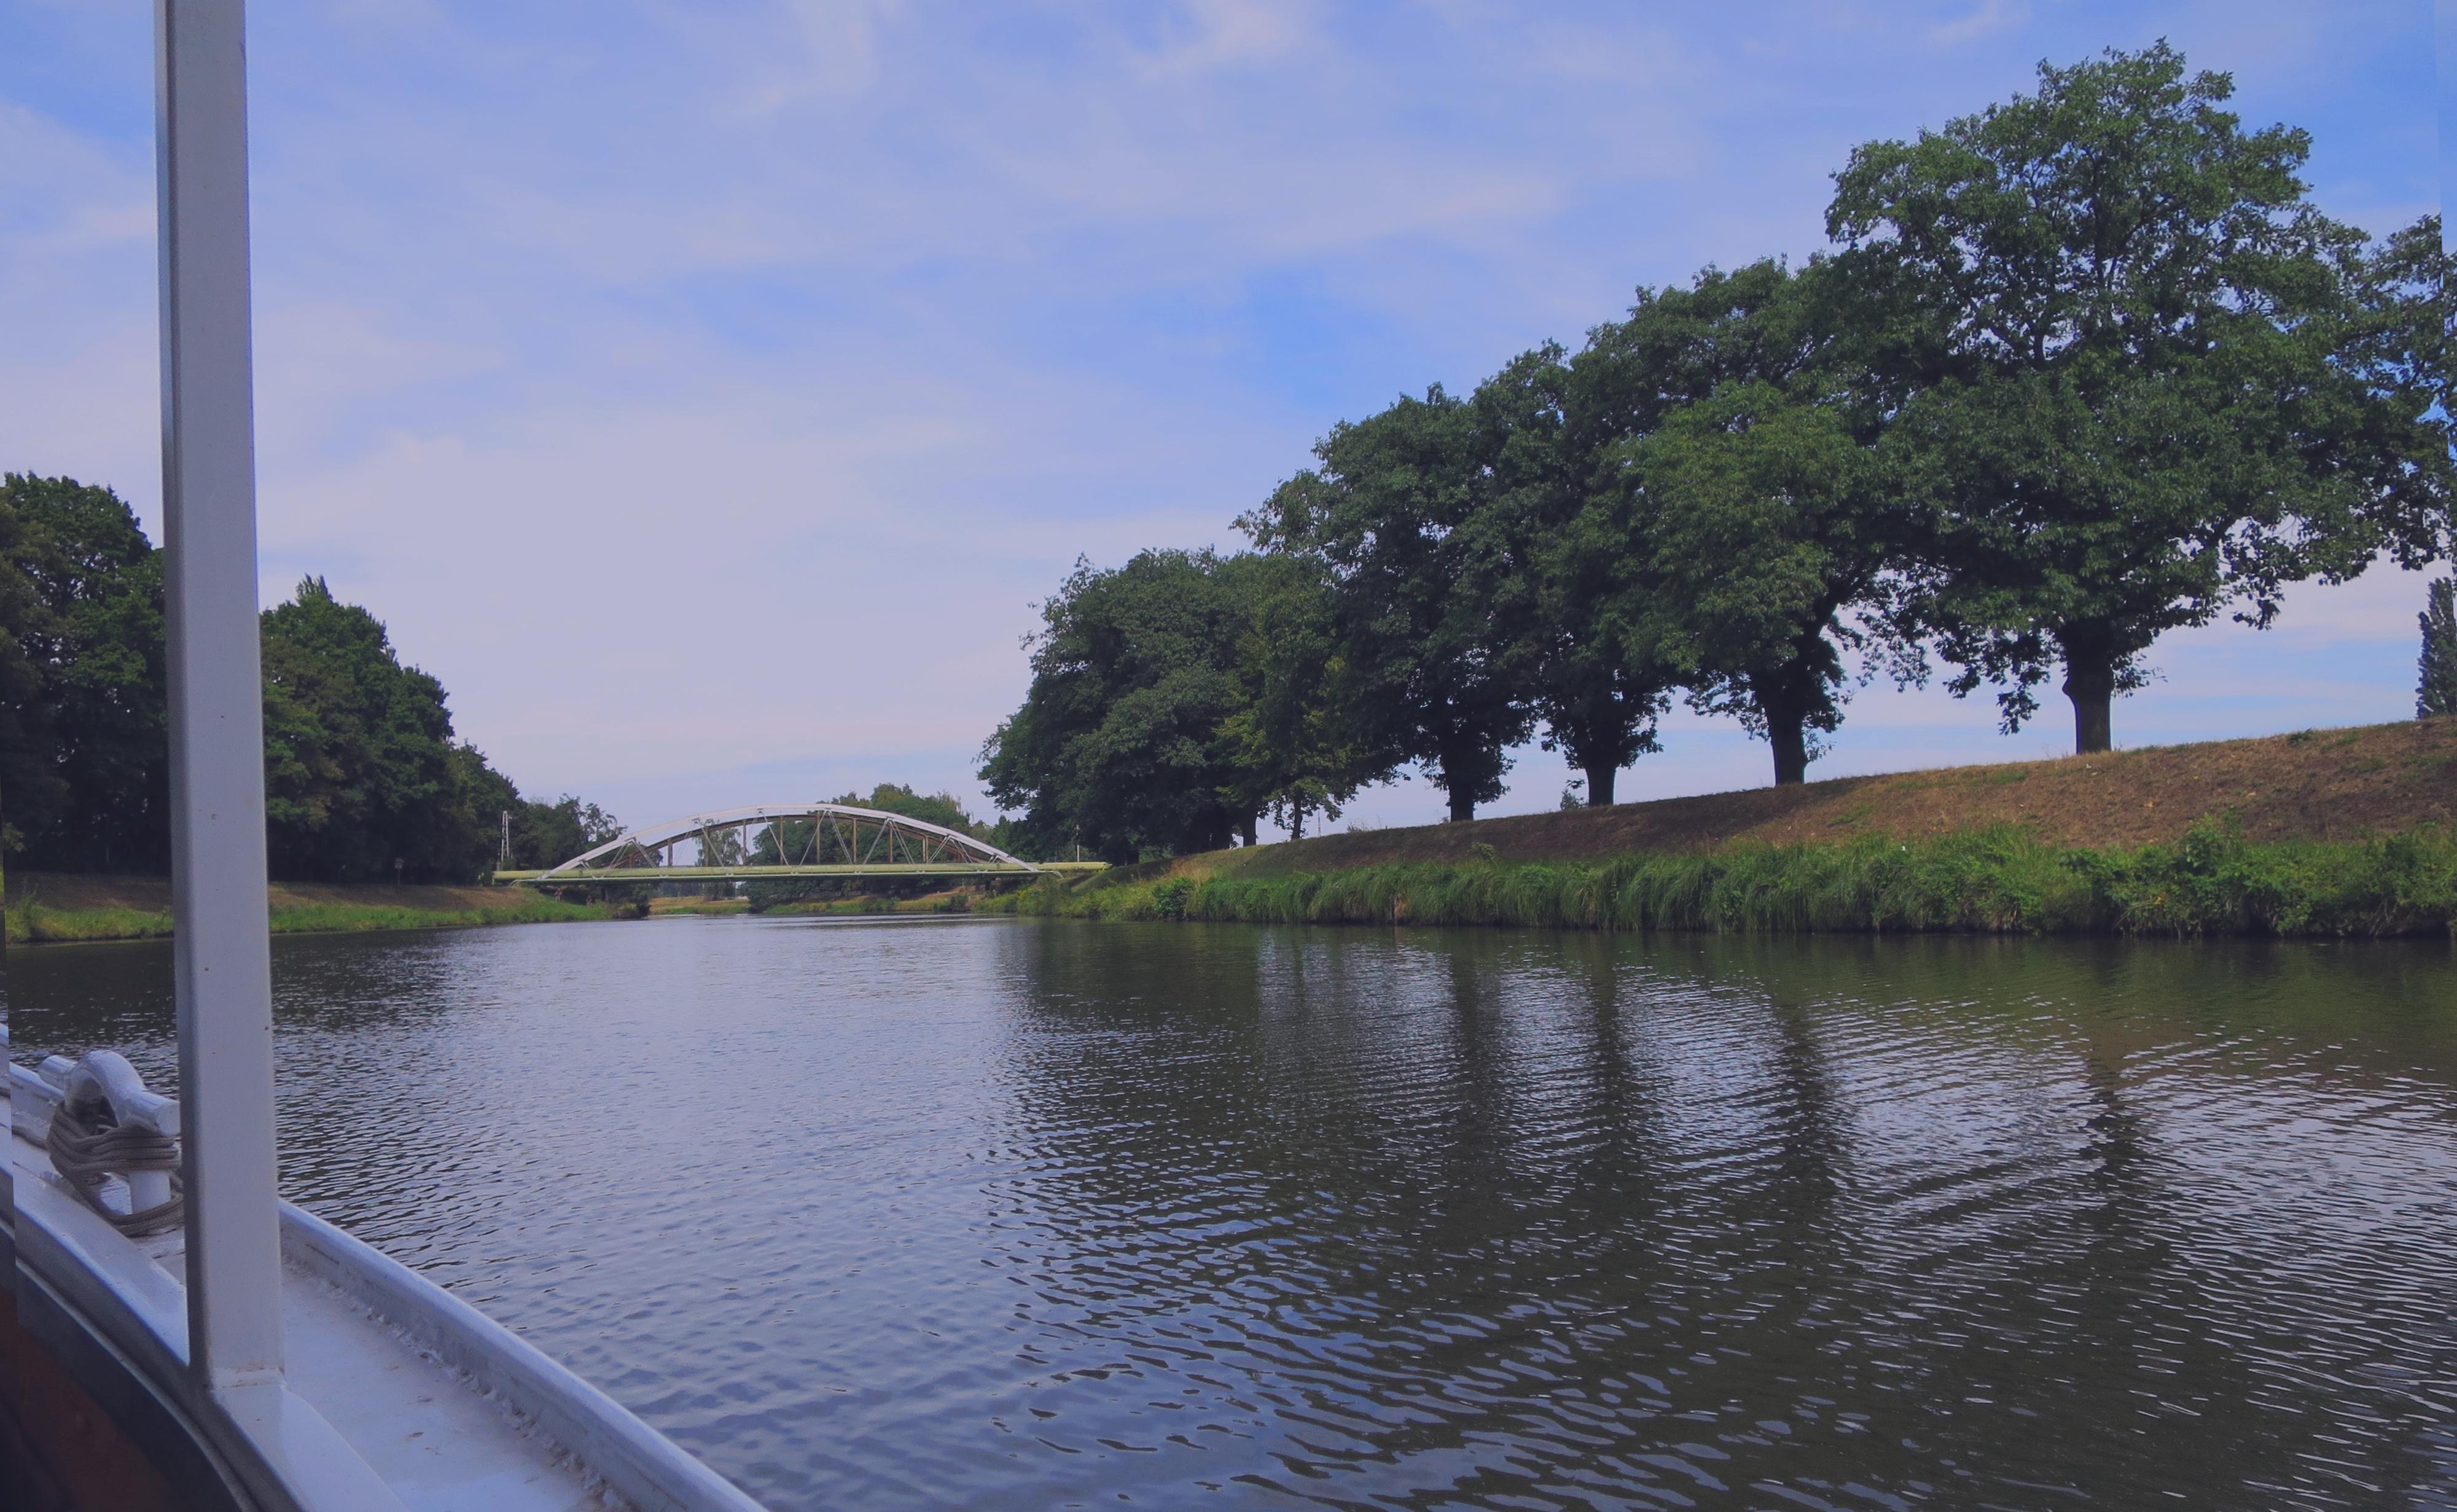 Plavba na lodi po řece se stromy okolo